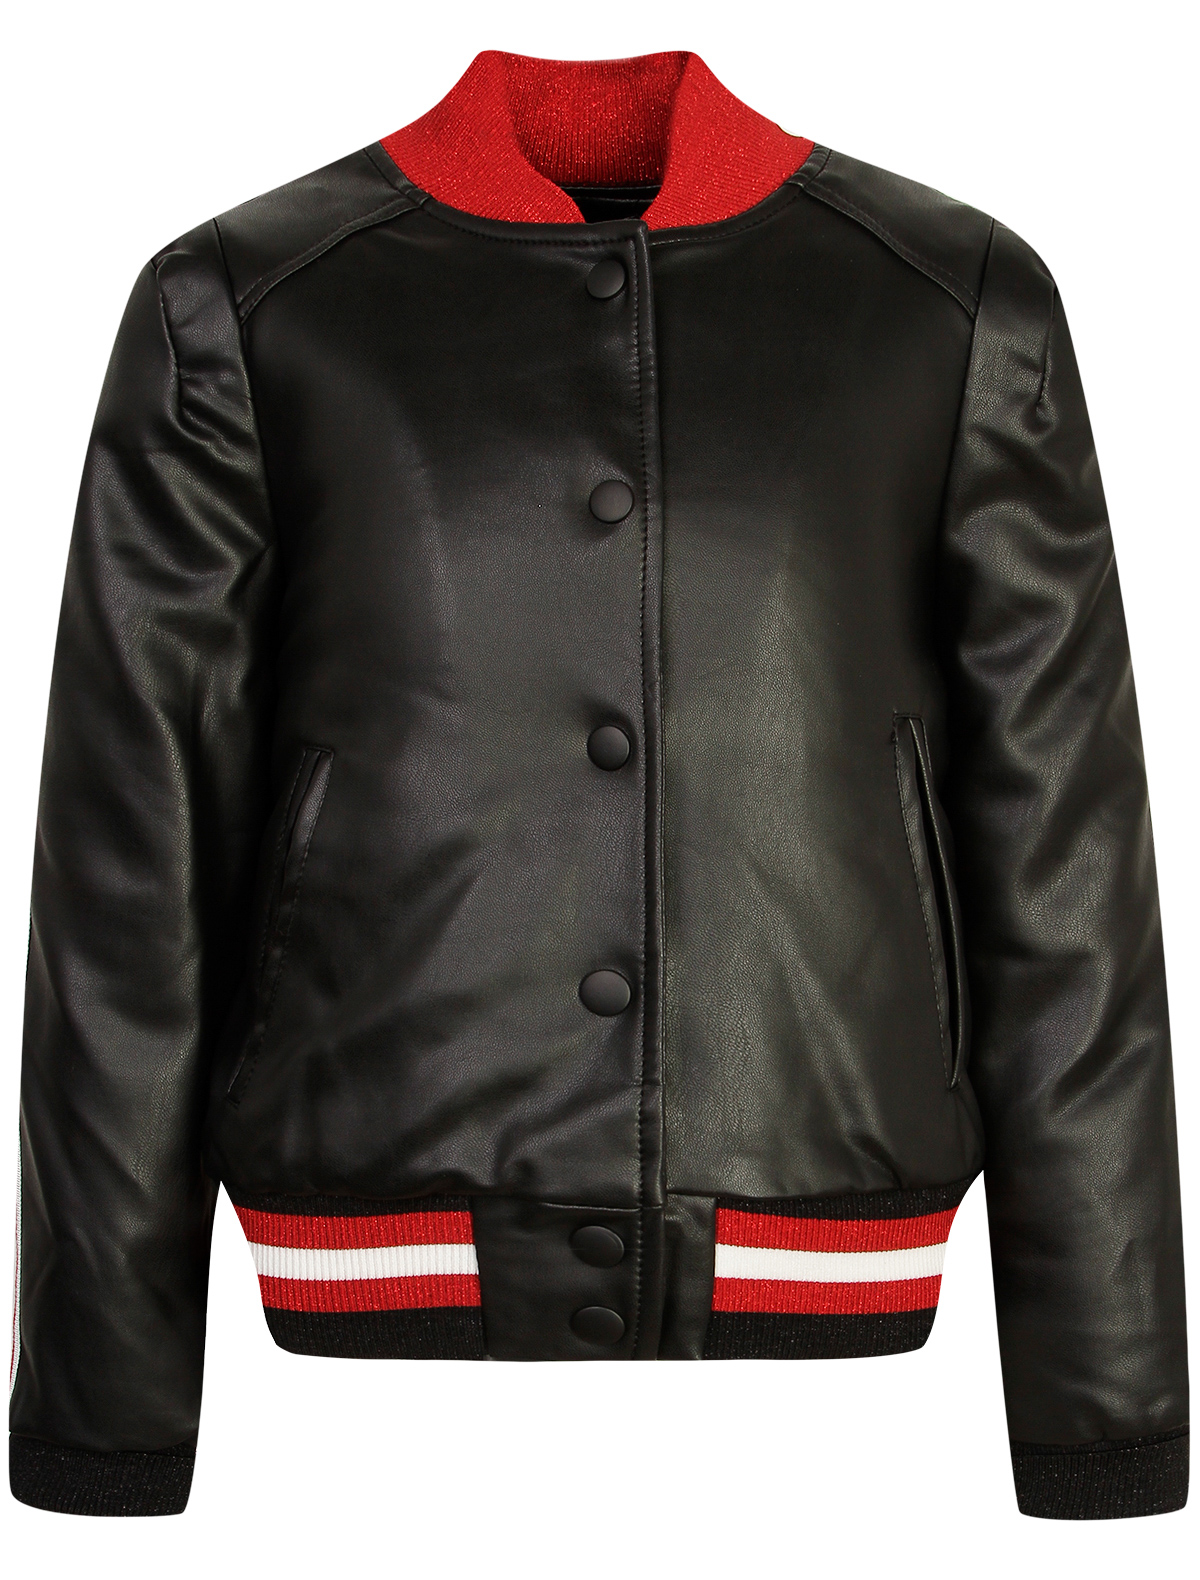 Купить Куртка Fun & Fun для девочек JJK0678 черный 164,